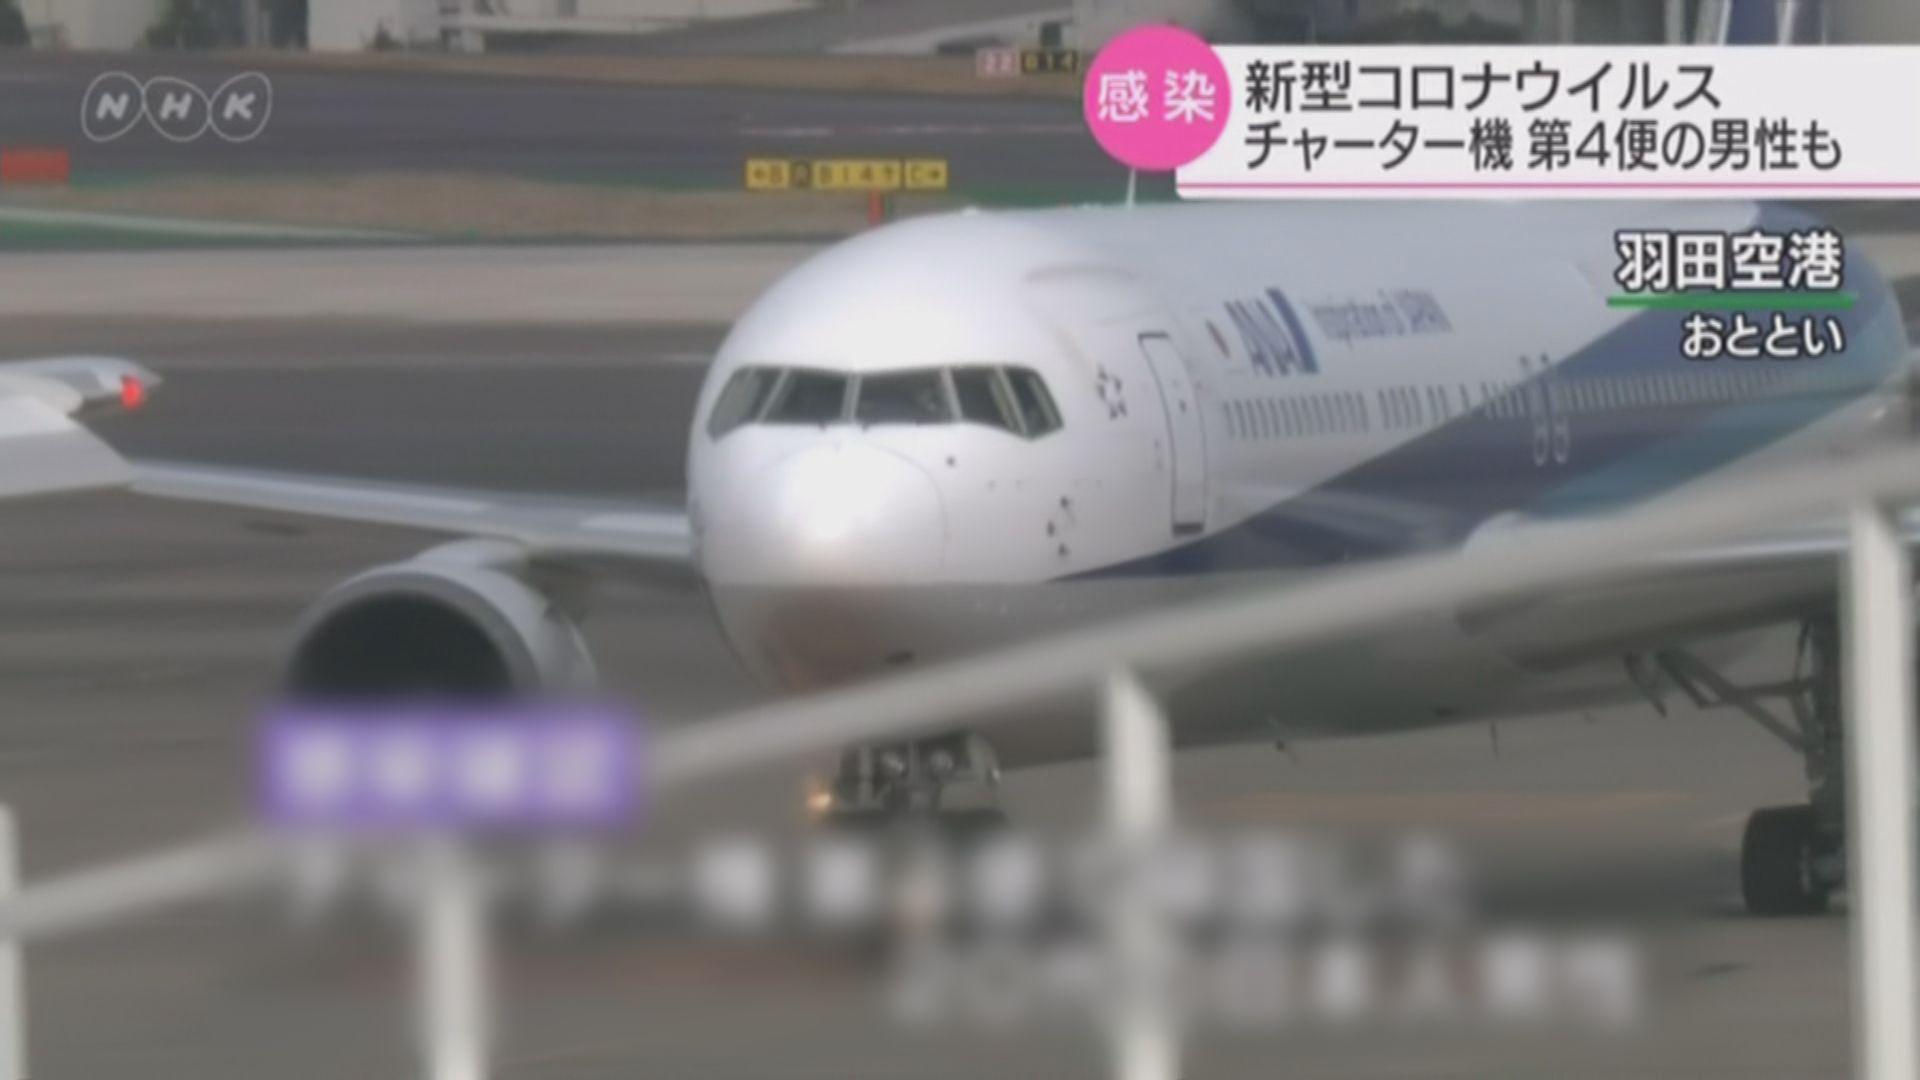 日本一名男子乘包機返回日本後確診染病